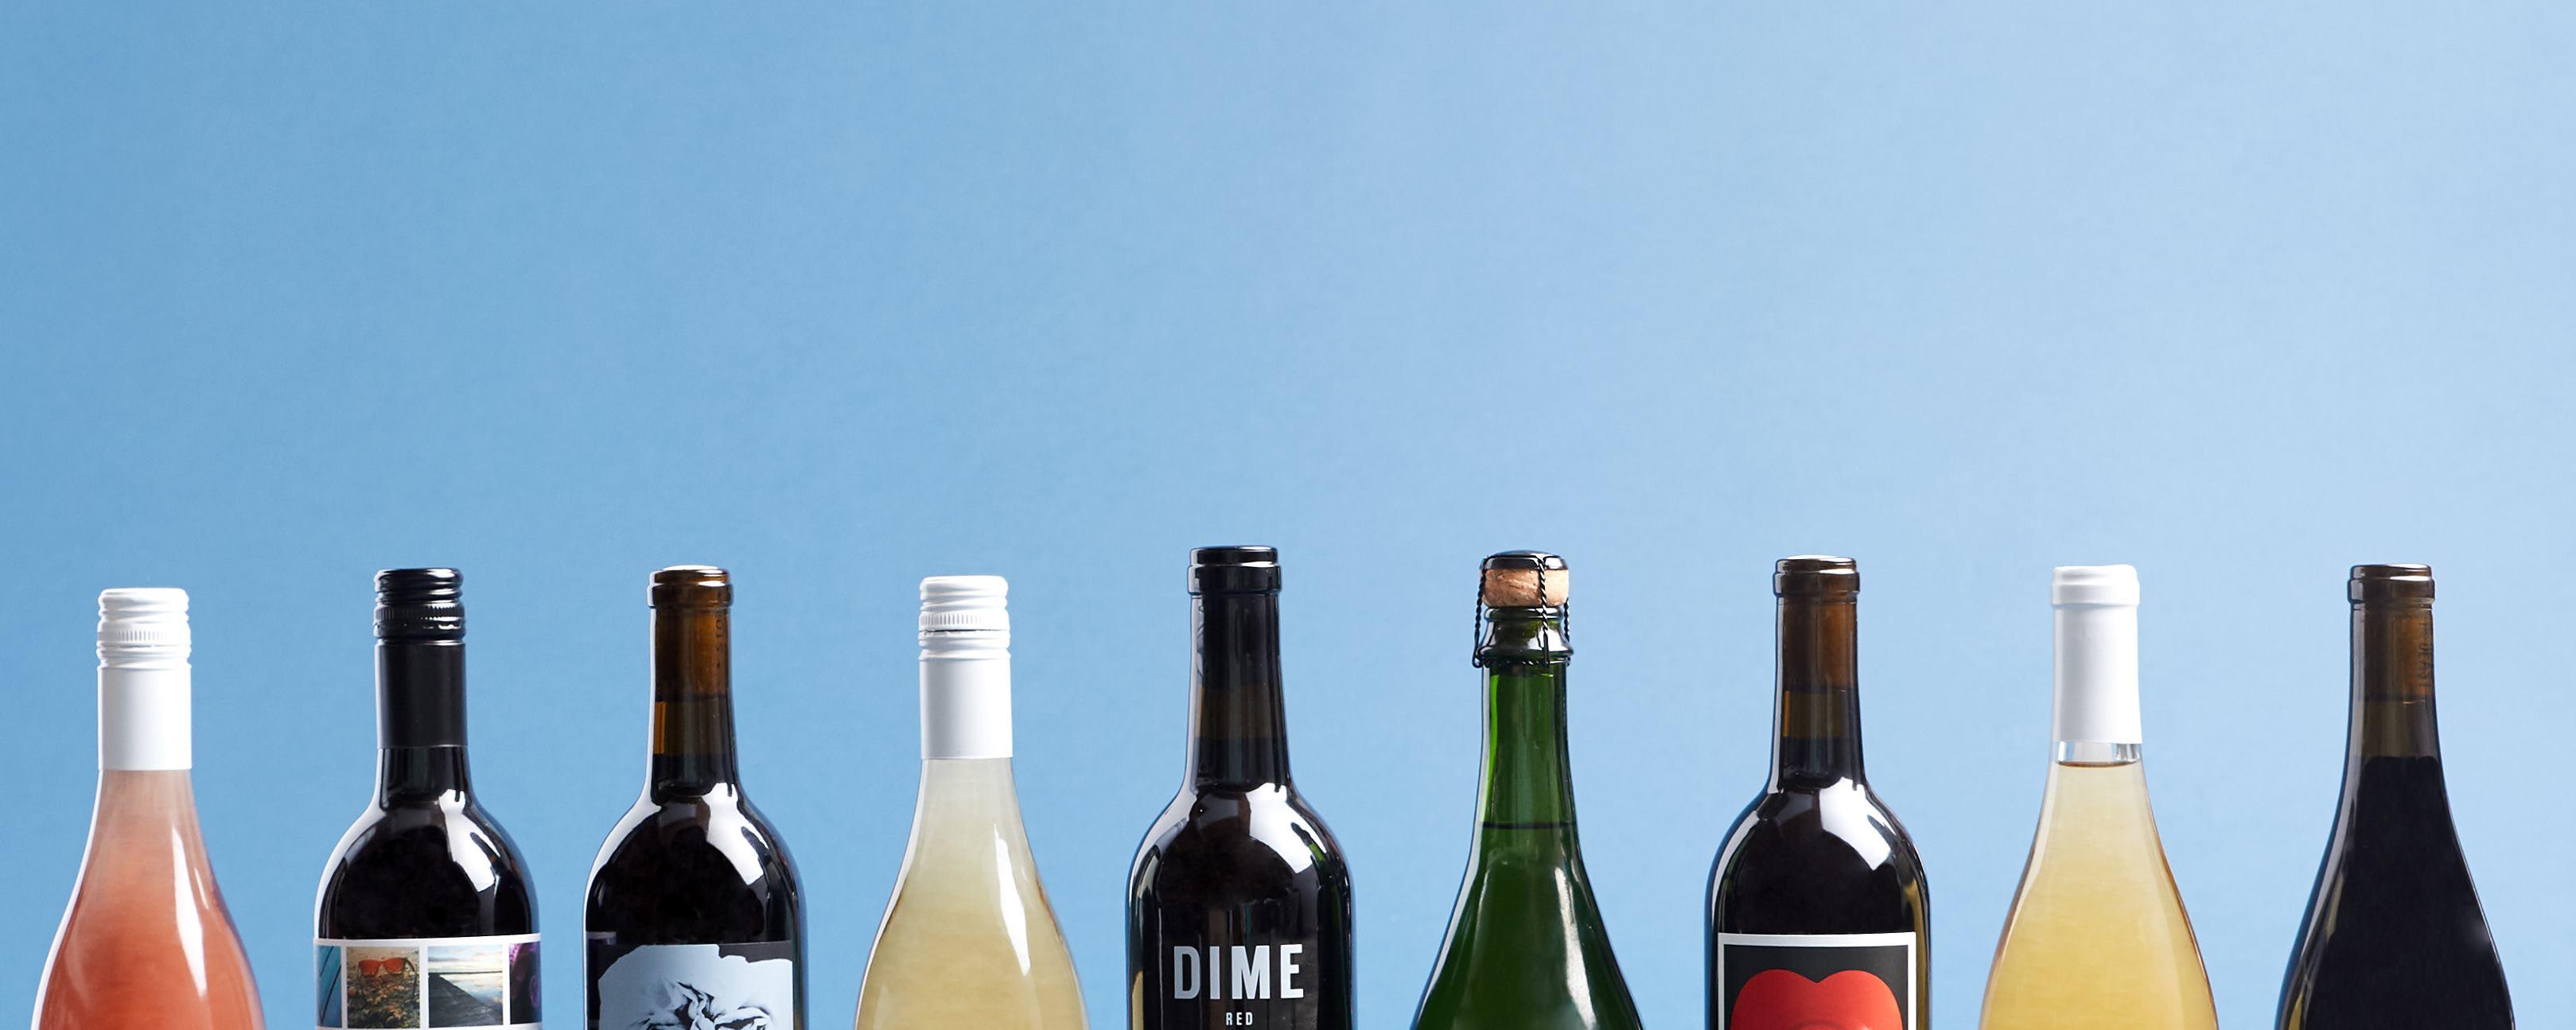 Winc wines